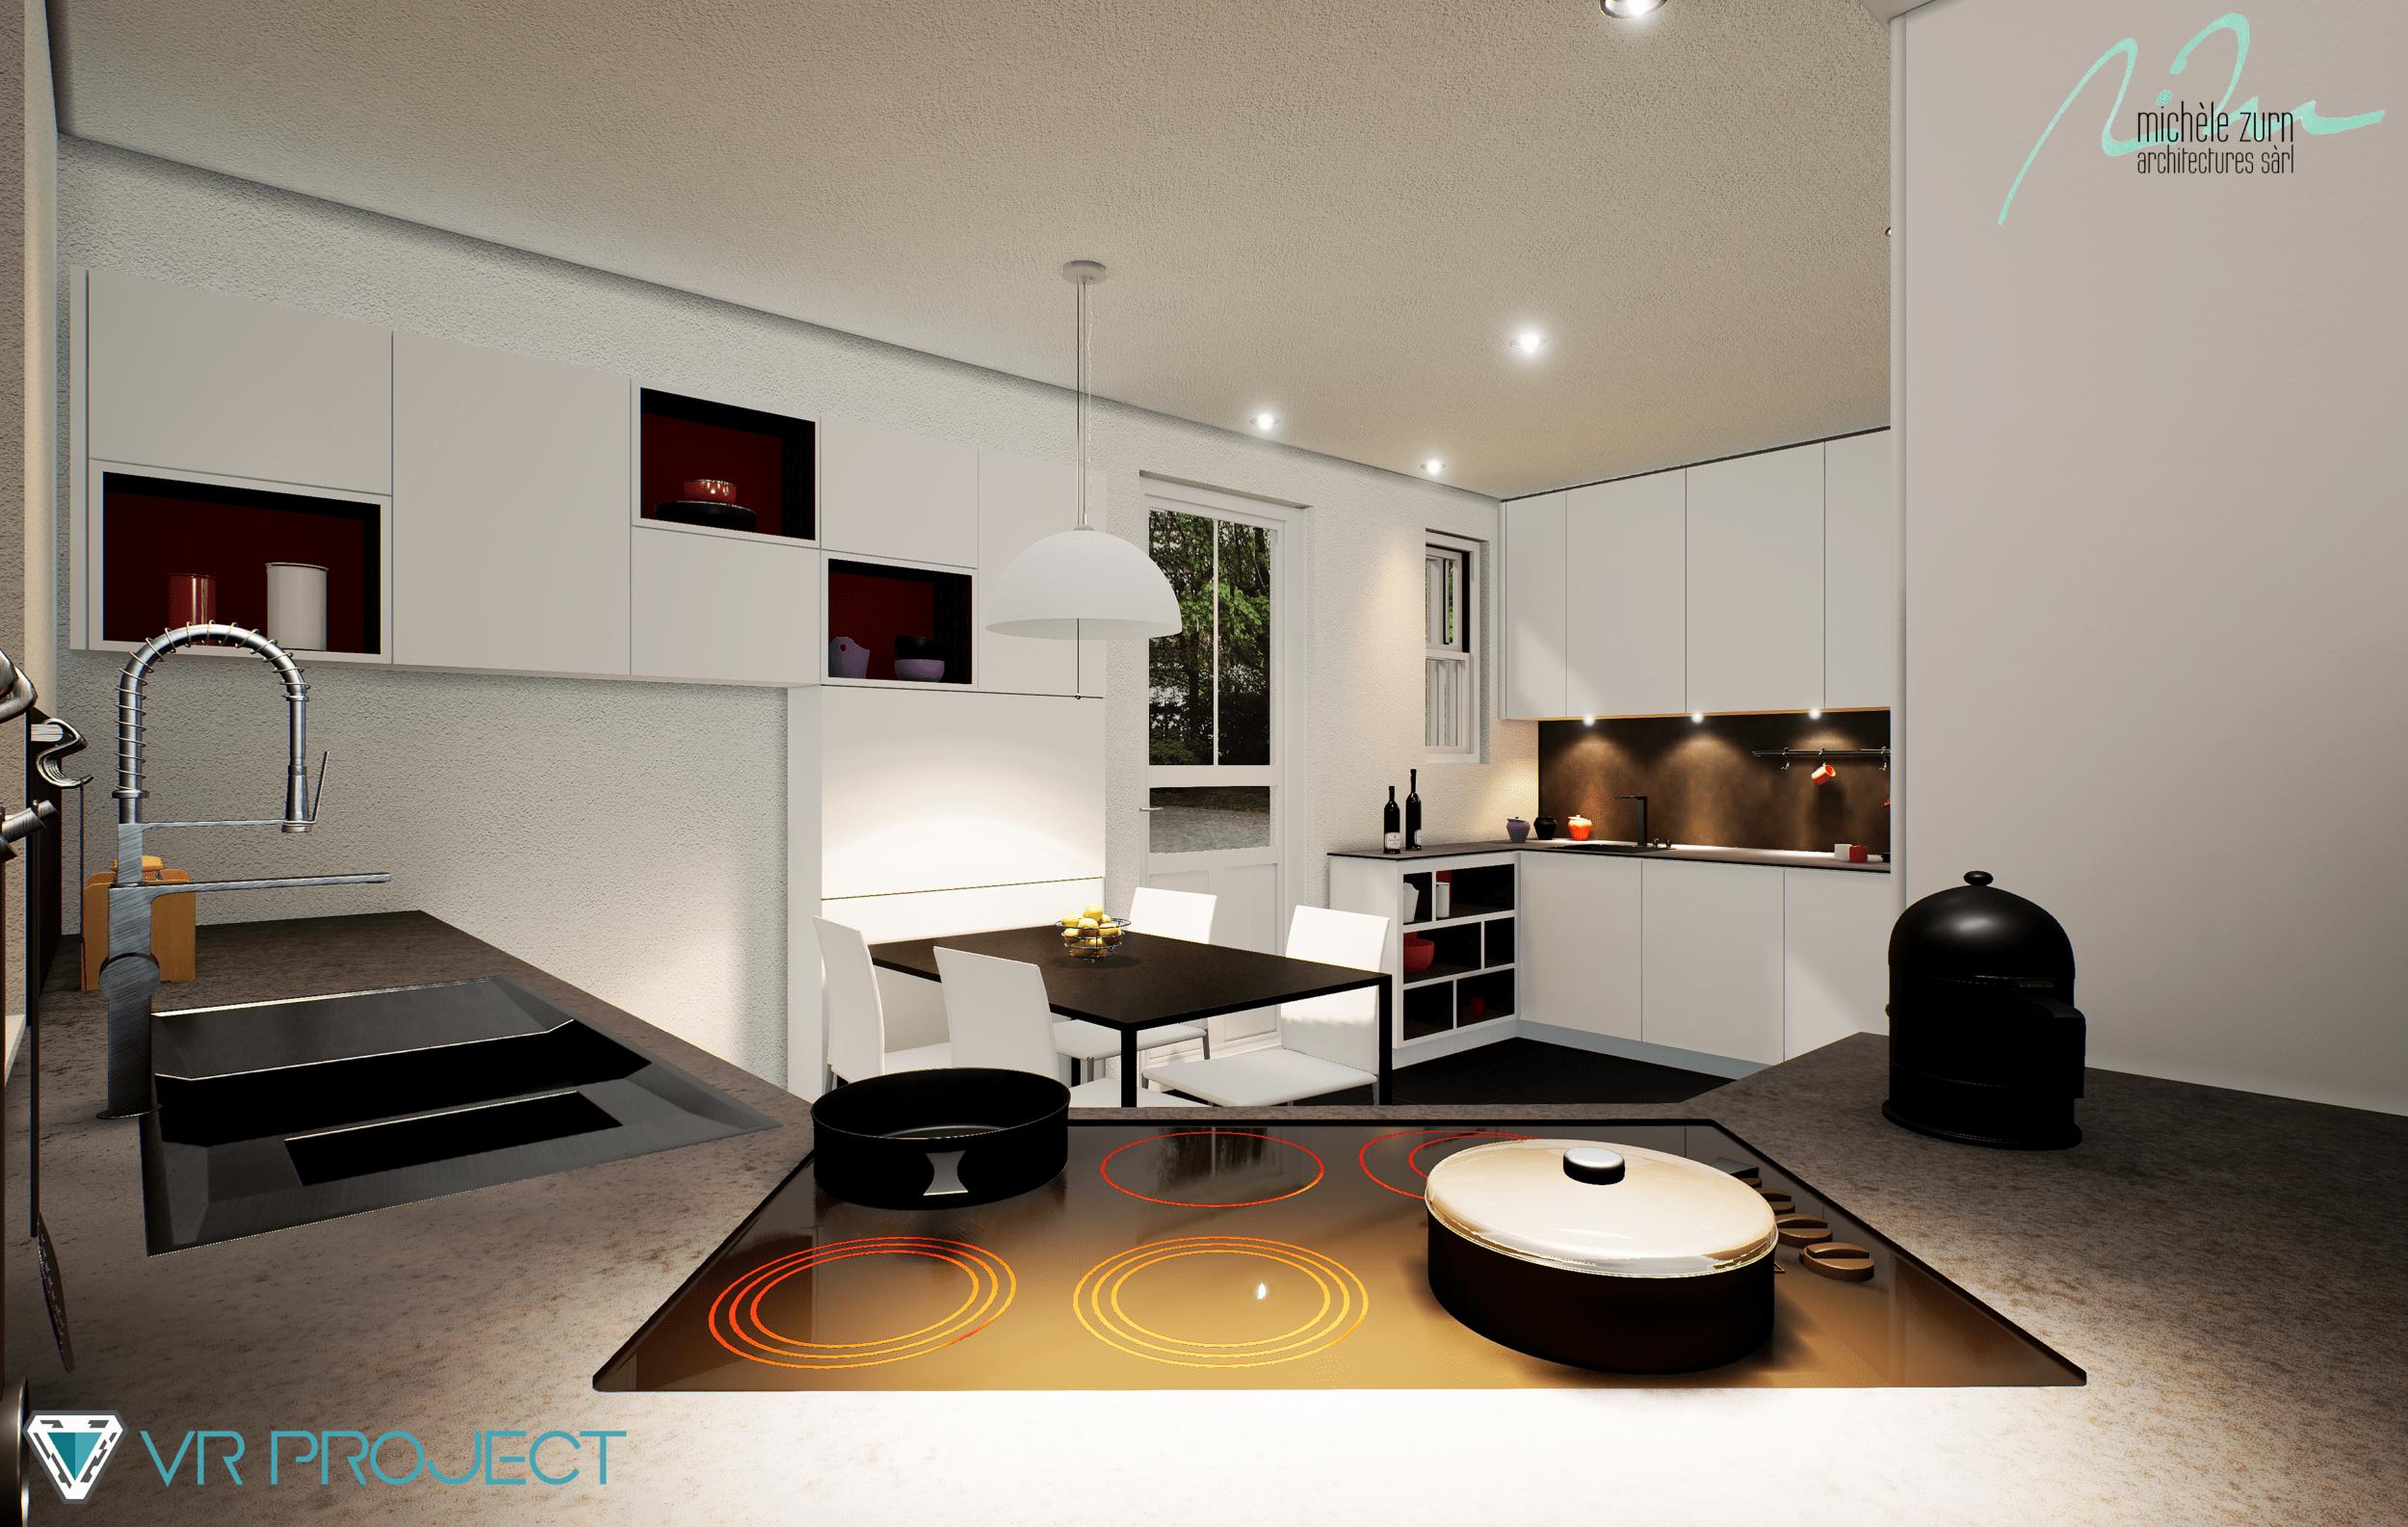 3D modeling - Kitchen renovation rendering